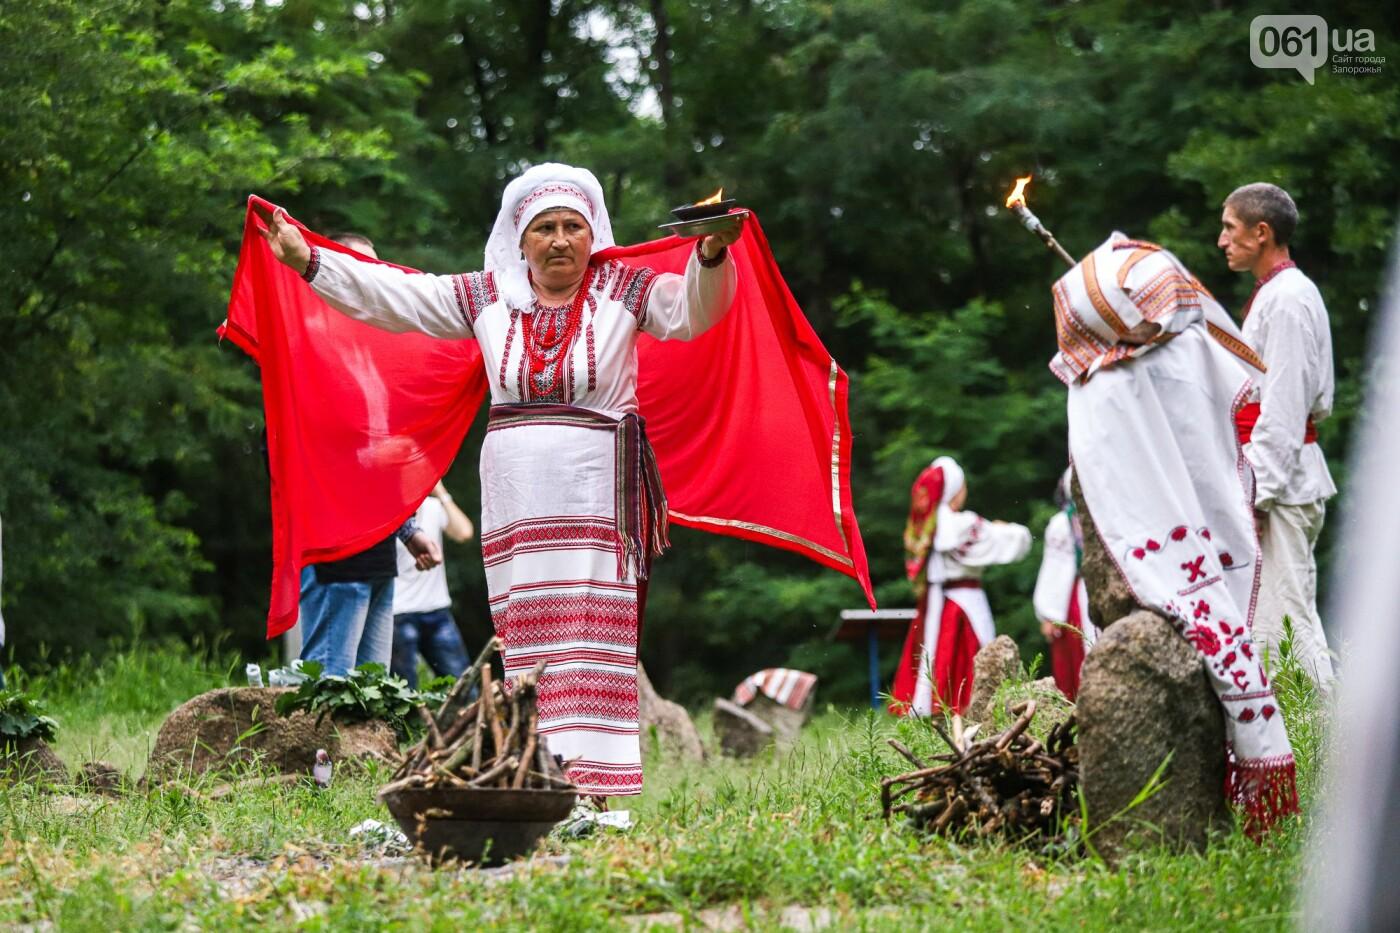 Огонь и дубовые венки: как на Хортице отметили праздник Перуна, - ФОТОРЕПОРТАЖ, фото-20